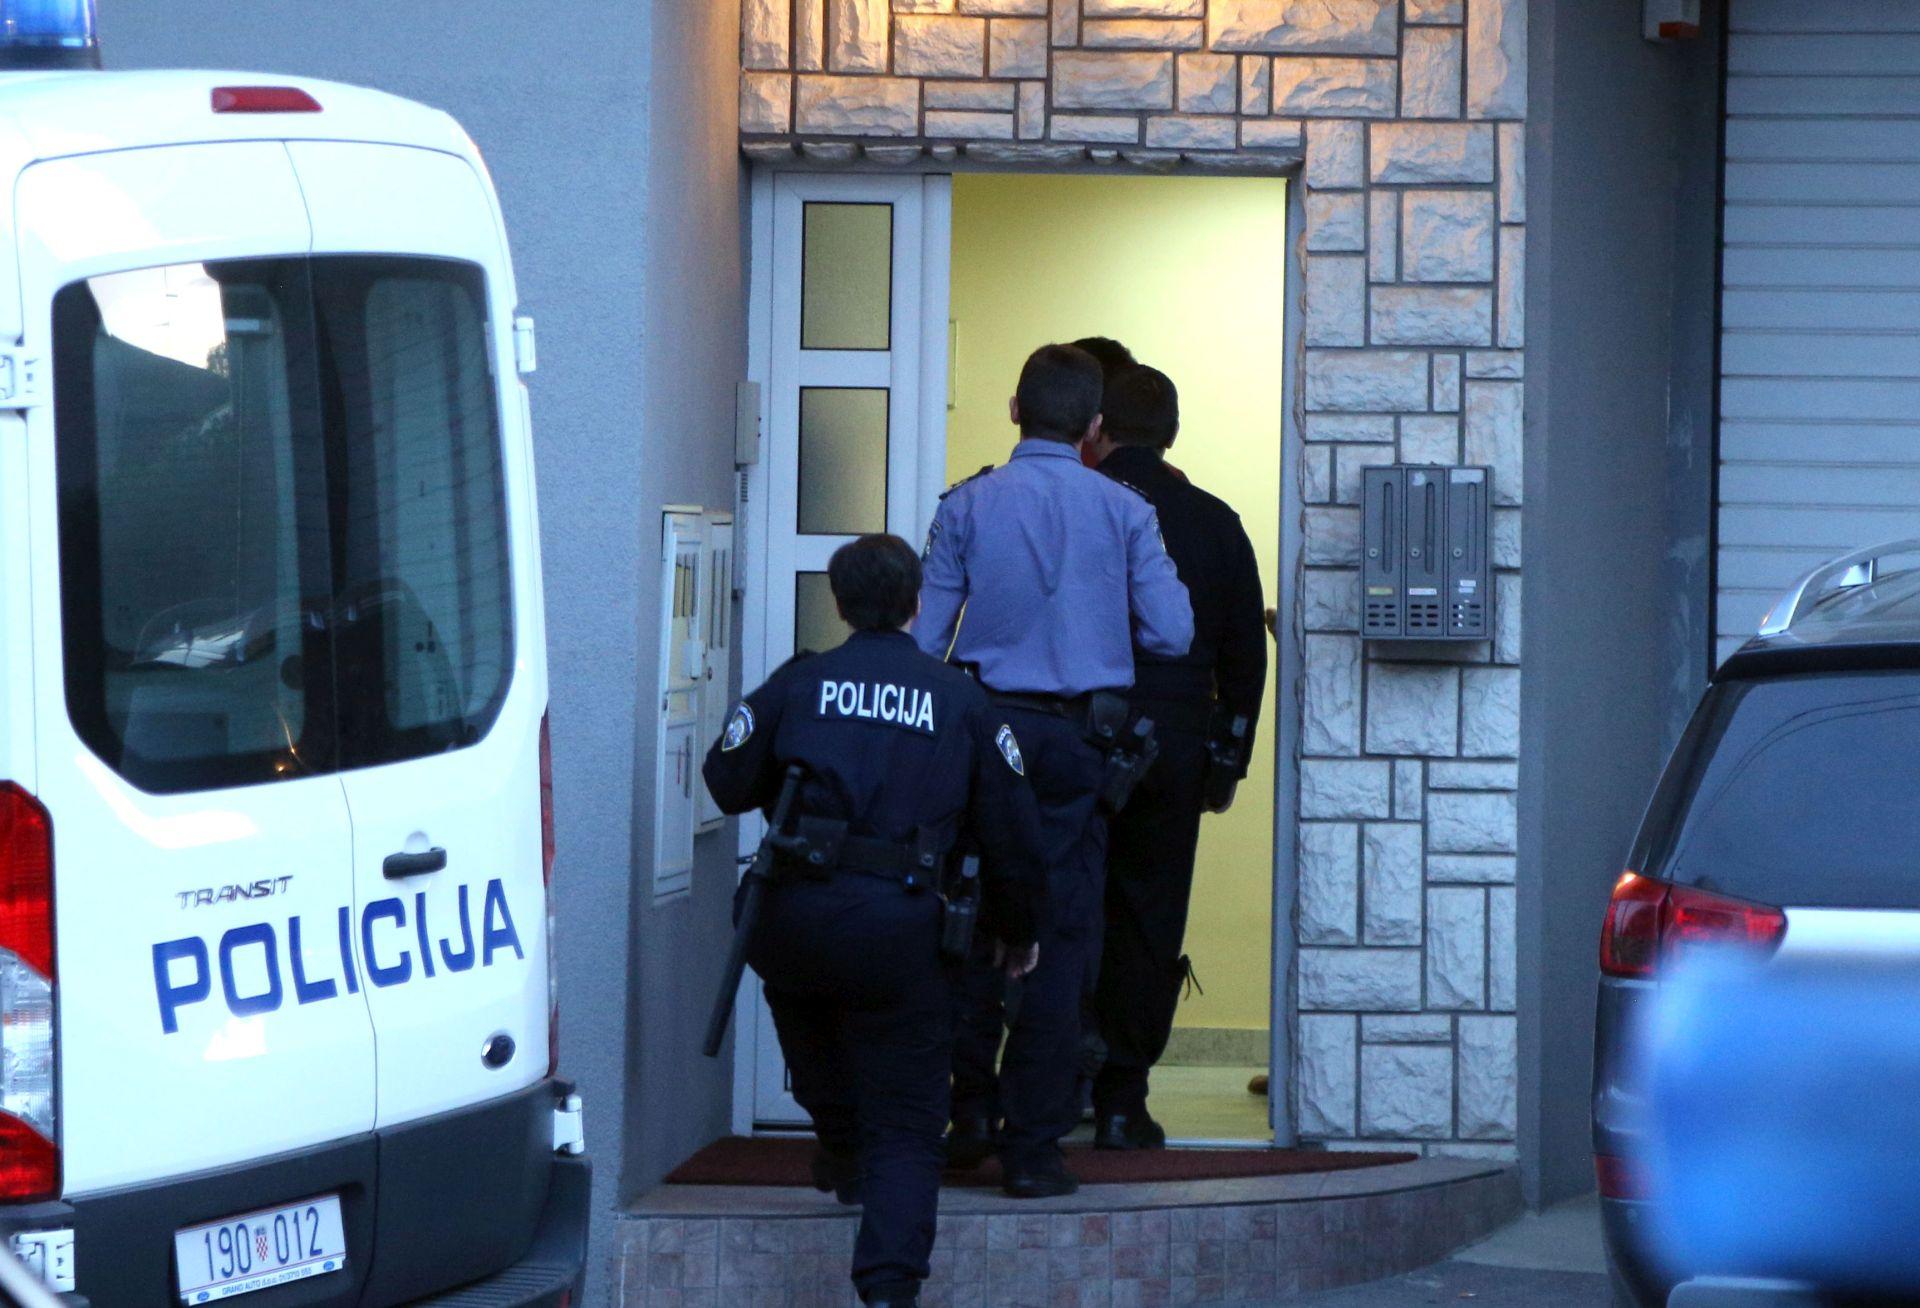 AKCIJA POLICIJE I USKOKA: Na udaru lanac pranja novca, uhićeno 15-ak osoba